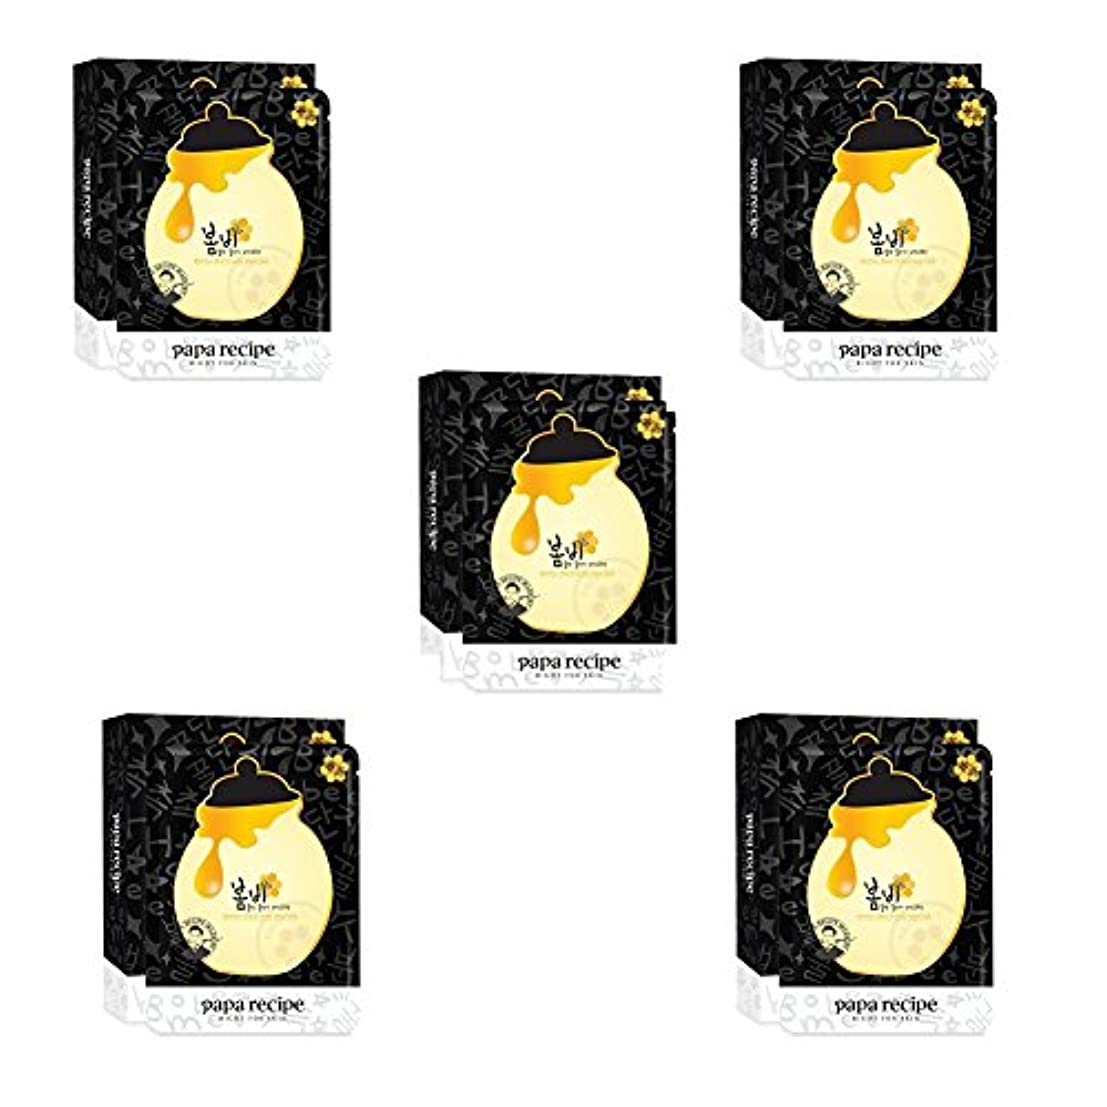 信者デザート月曜日Papa Recipe Bombee Black Honey Mask Pack (10sheets X 5) パパレシピ ボムビー ブラックハニー マスクパック (10sheets X 5)